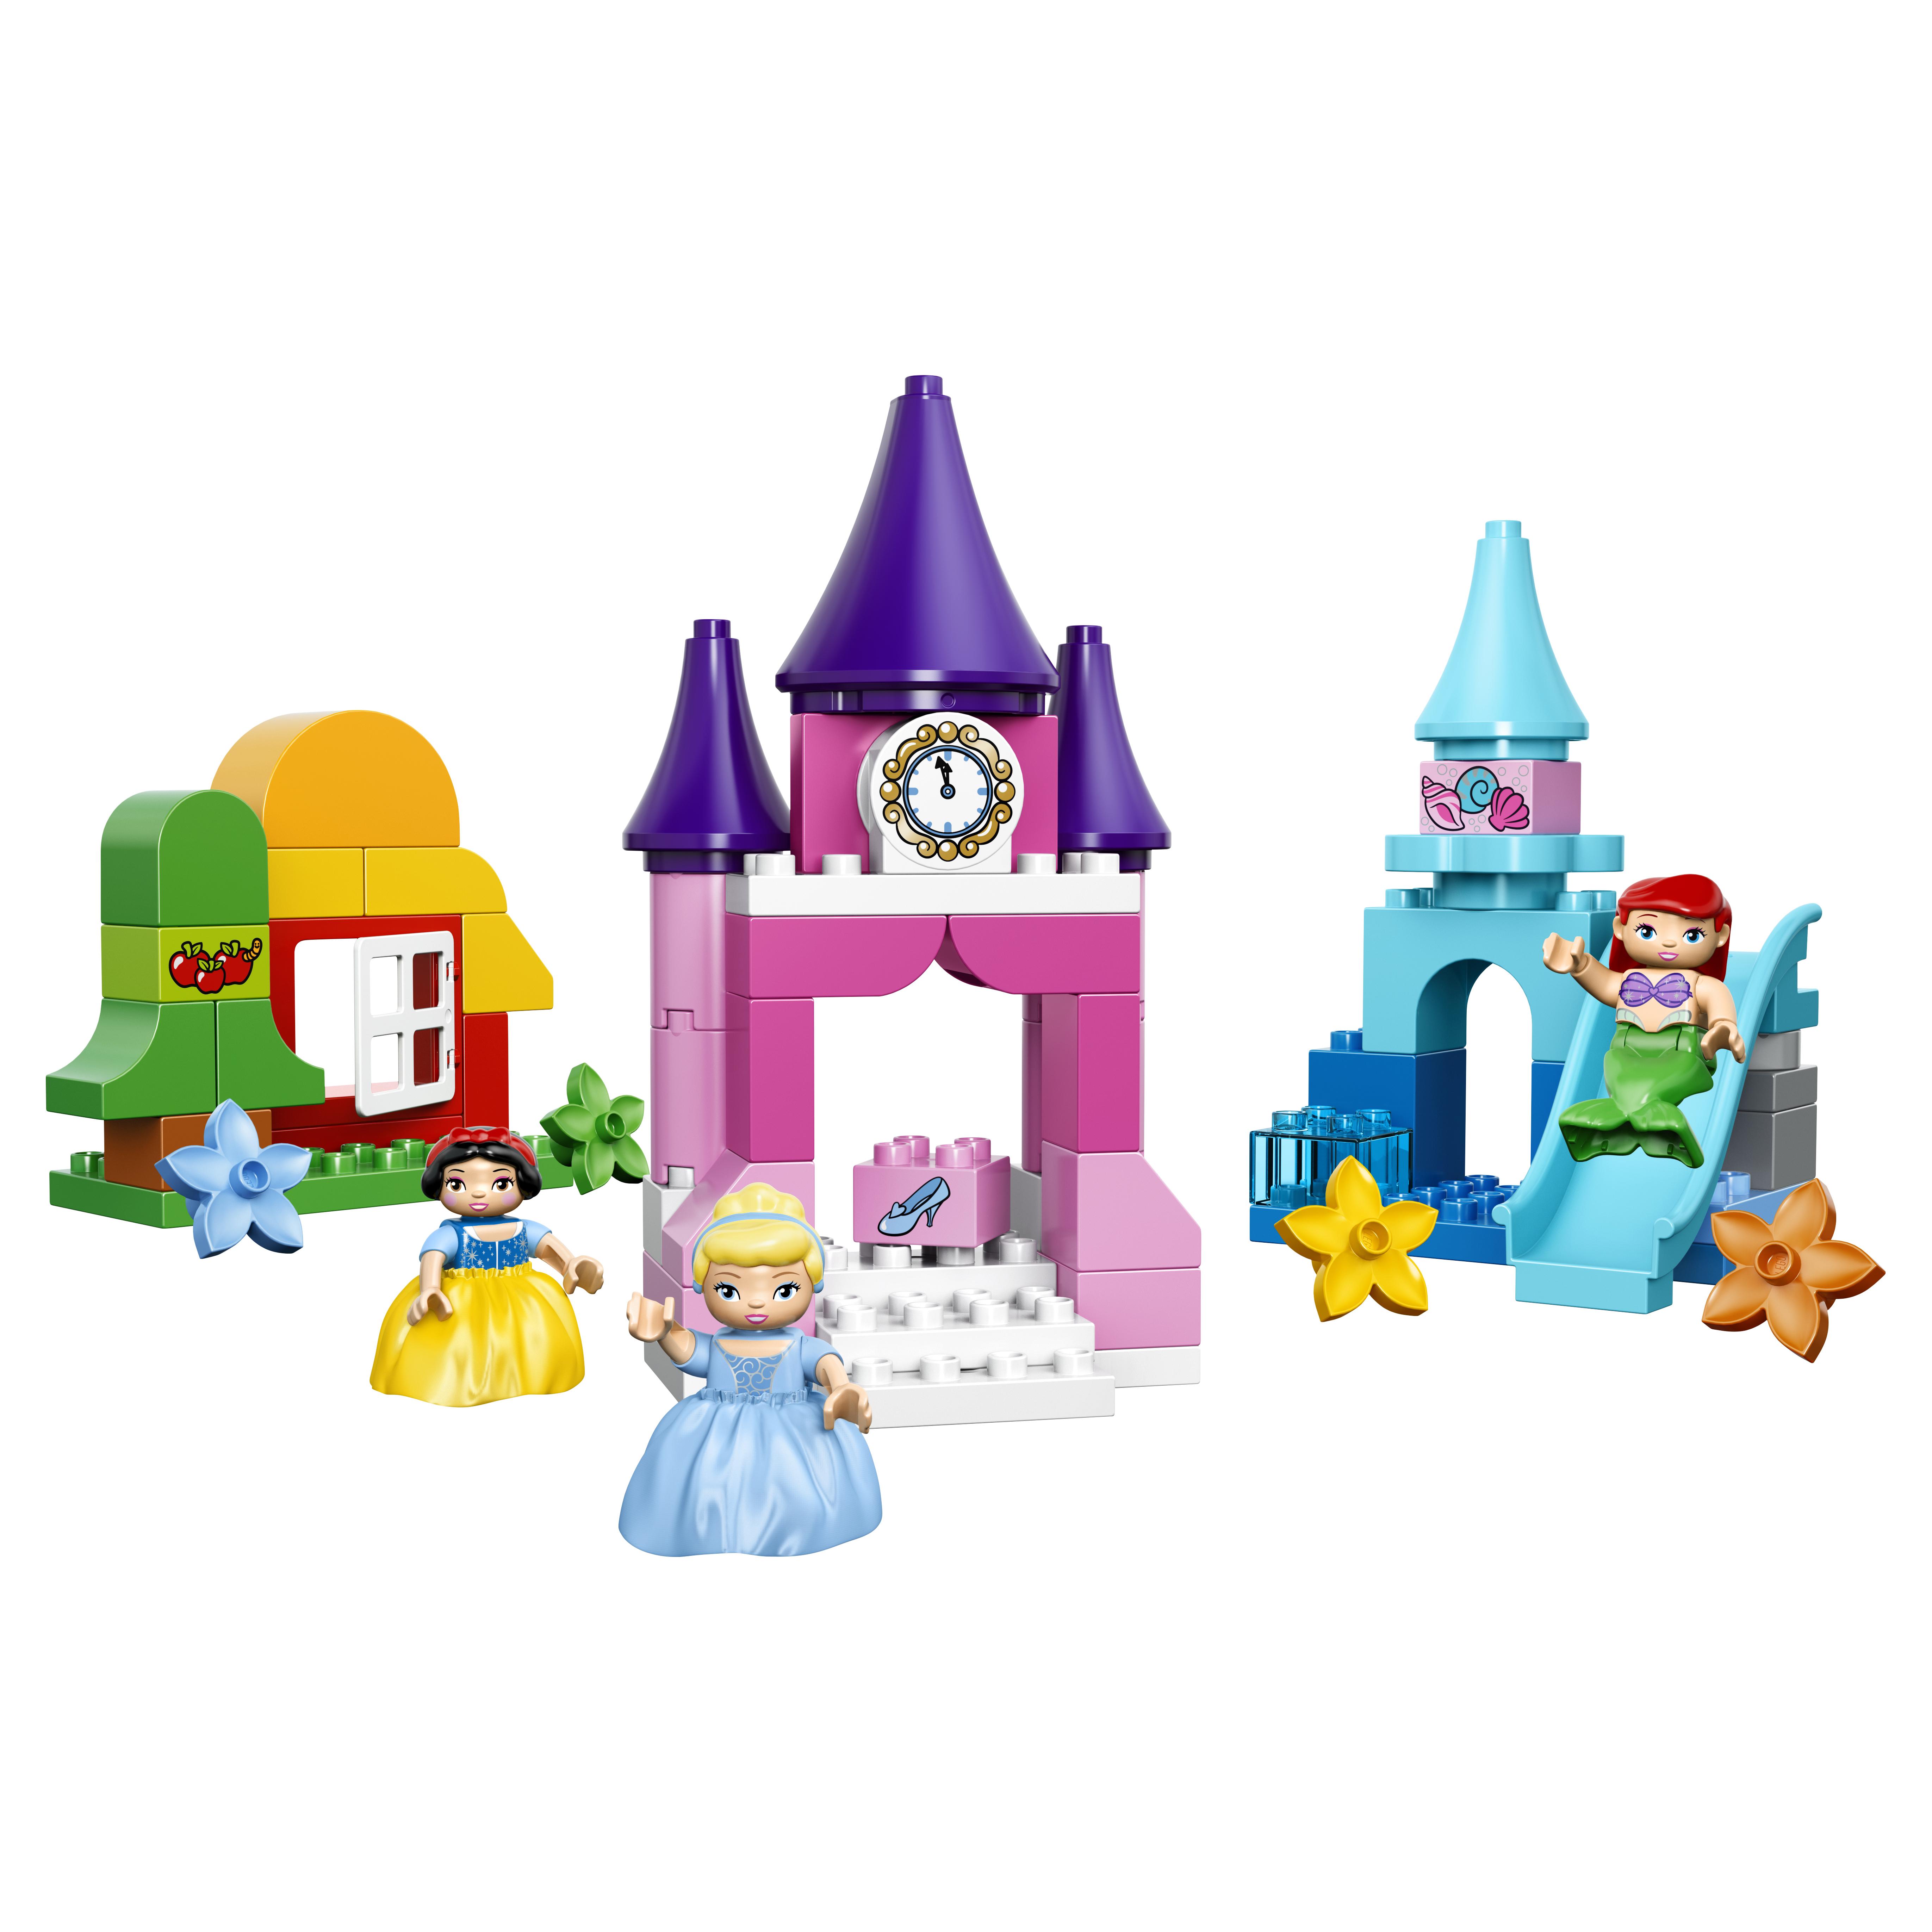 Купить Конструктор lego duplo princess коллекция принцессы дисней (10596), Конструктор LEGO Duplo Princess Коллекция Принцессы Дисней (10596)